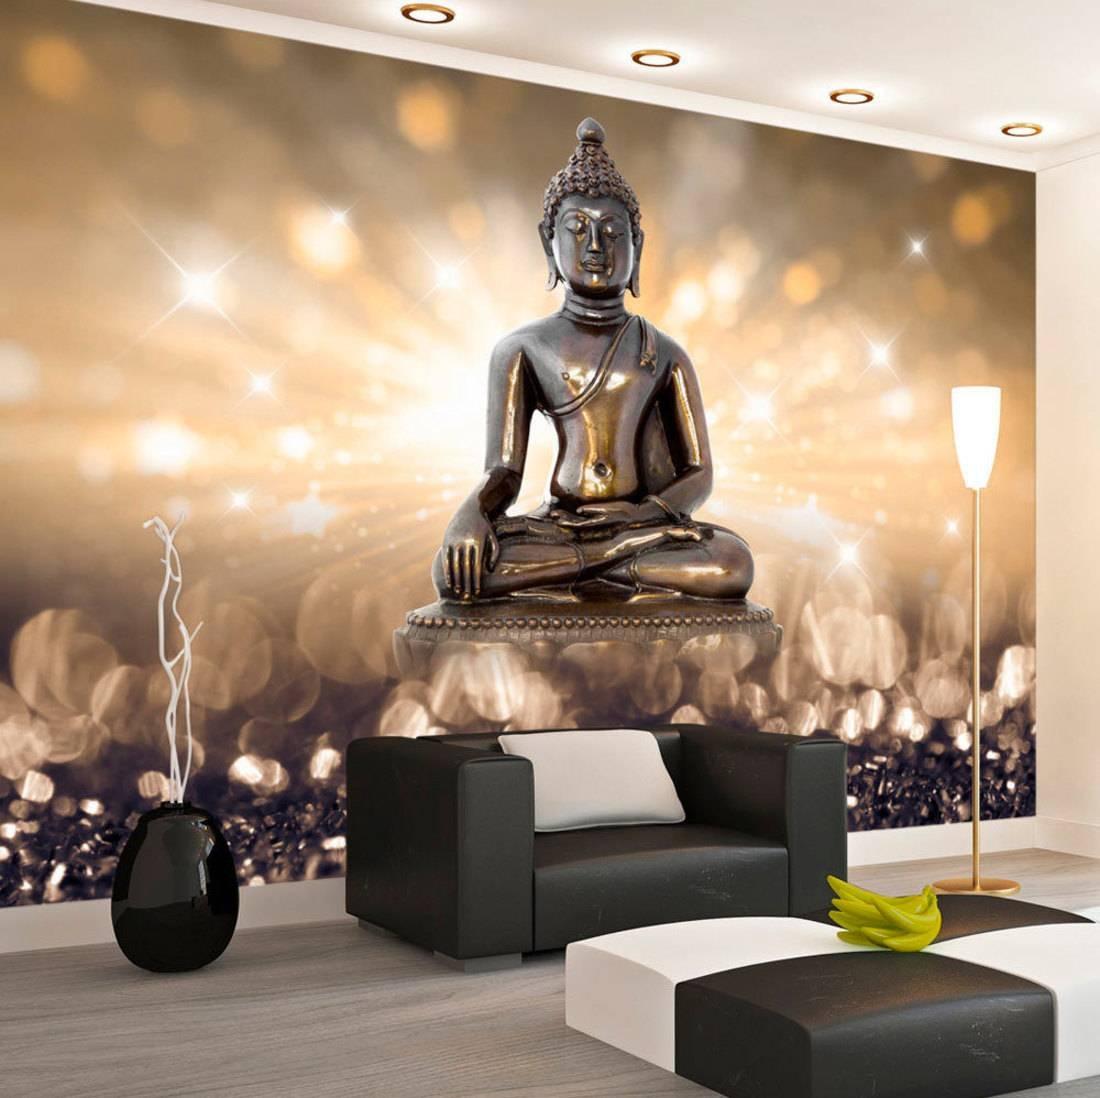 Photo Wallpaper Wall Murals Non Woven 3D Modern Art Buddha For Current 3D Buddha Wall Art (View 19 of 20)